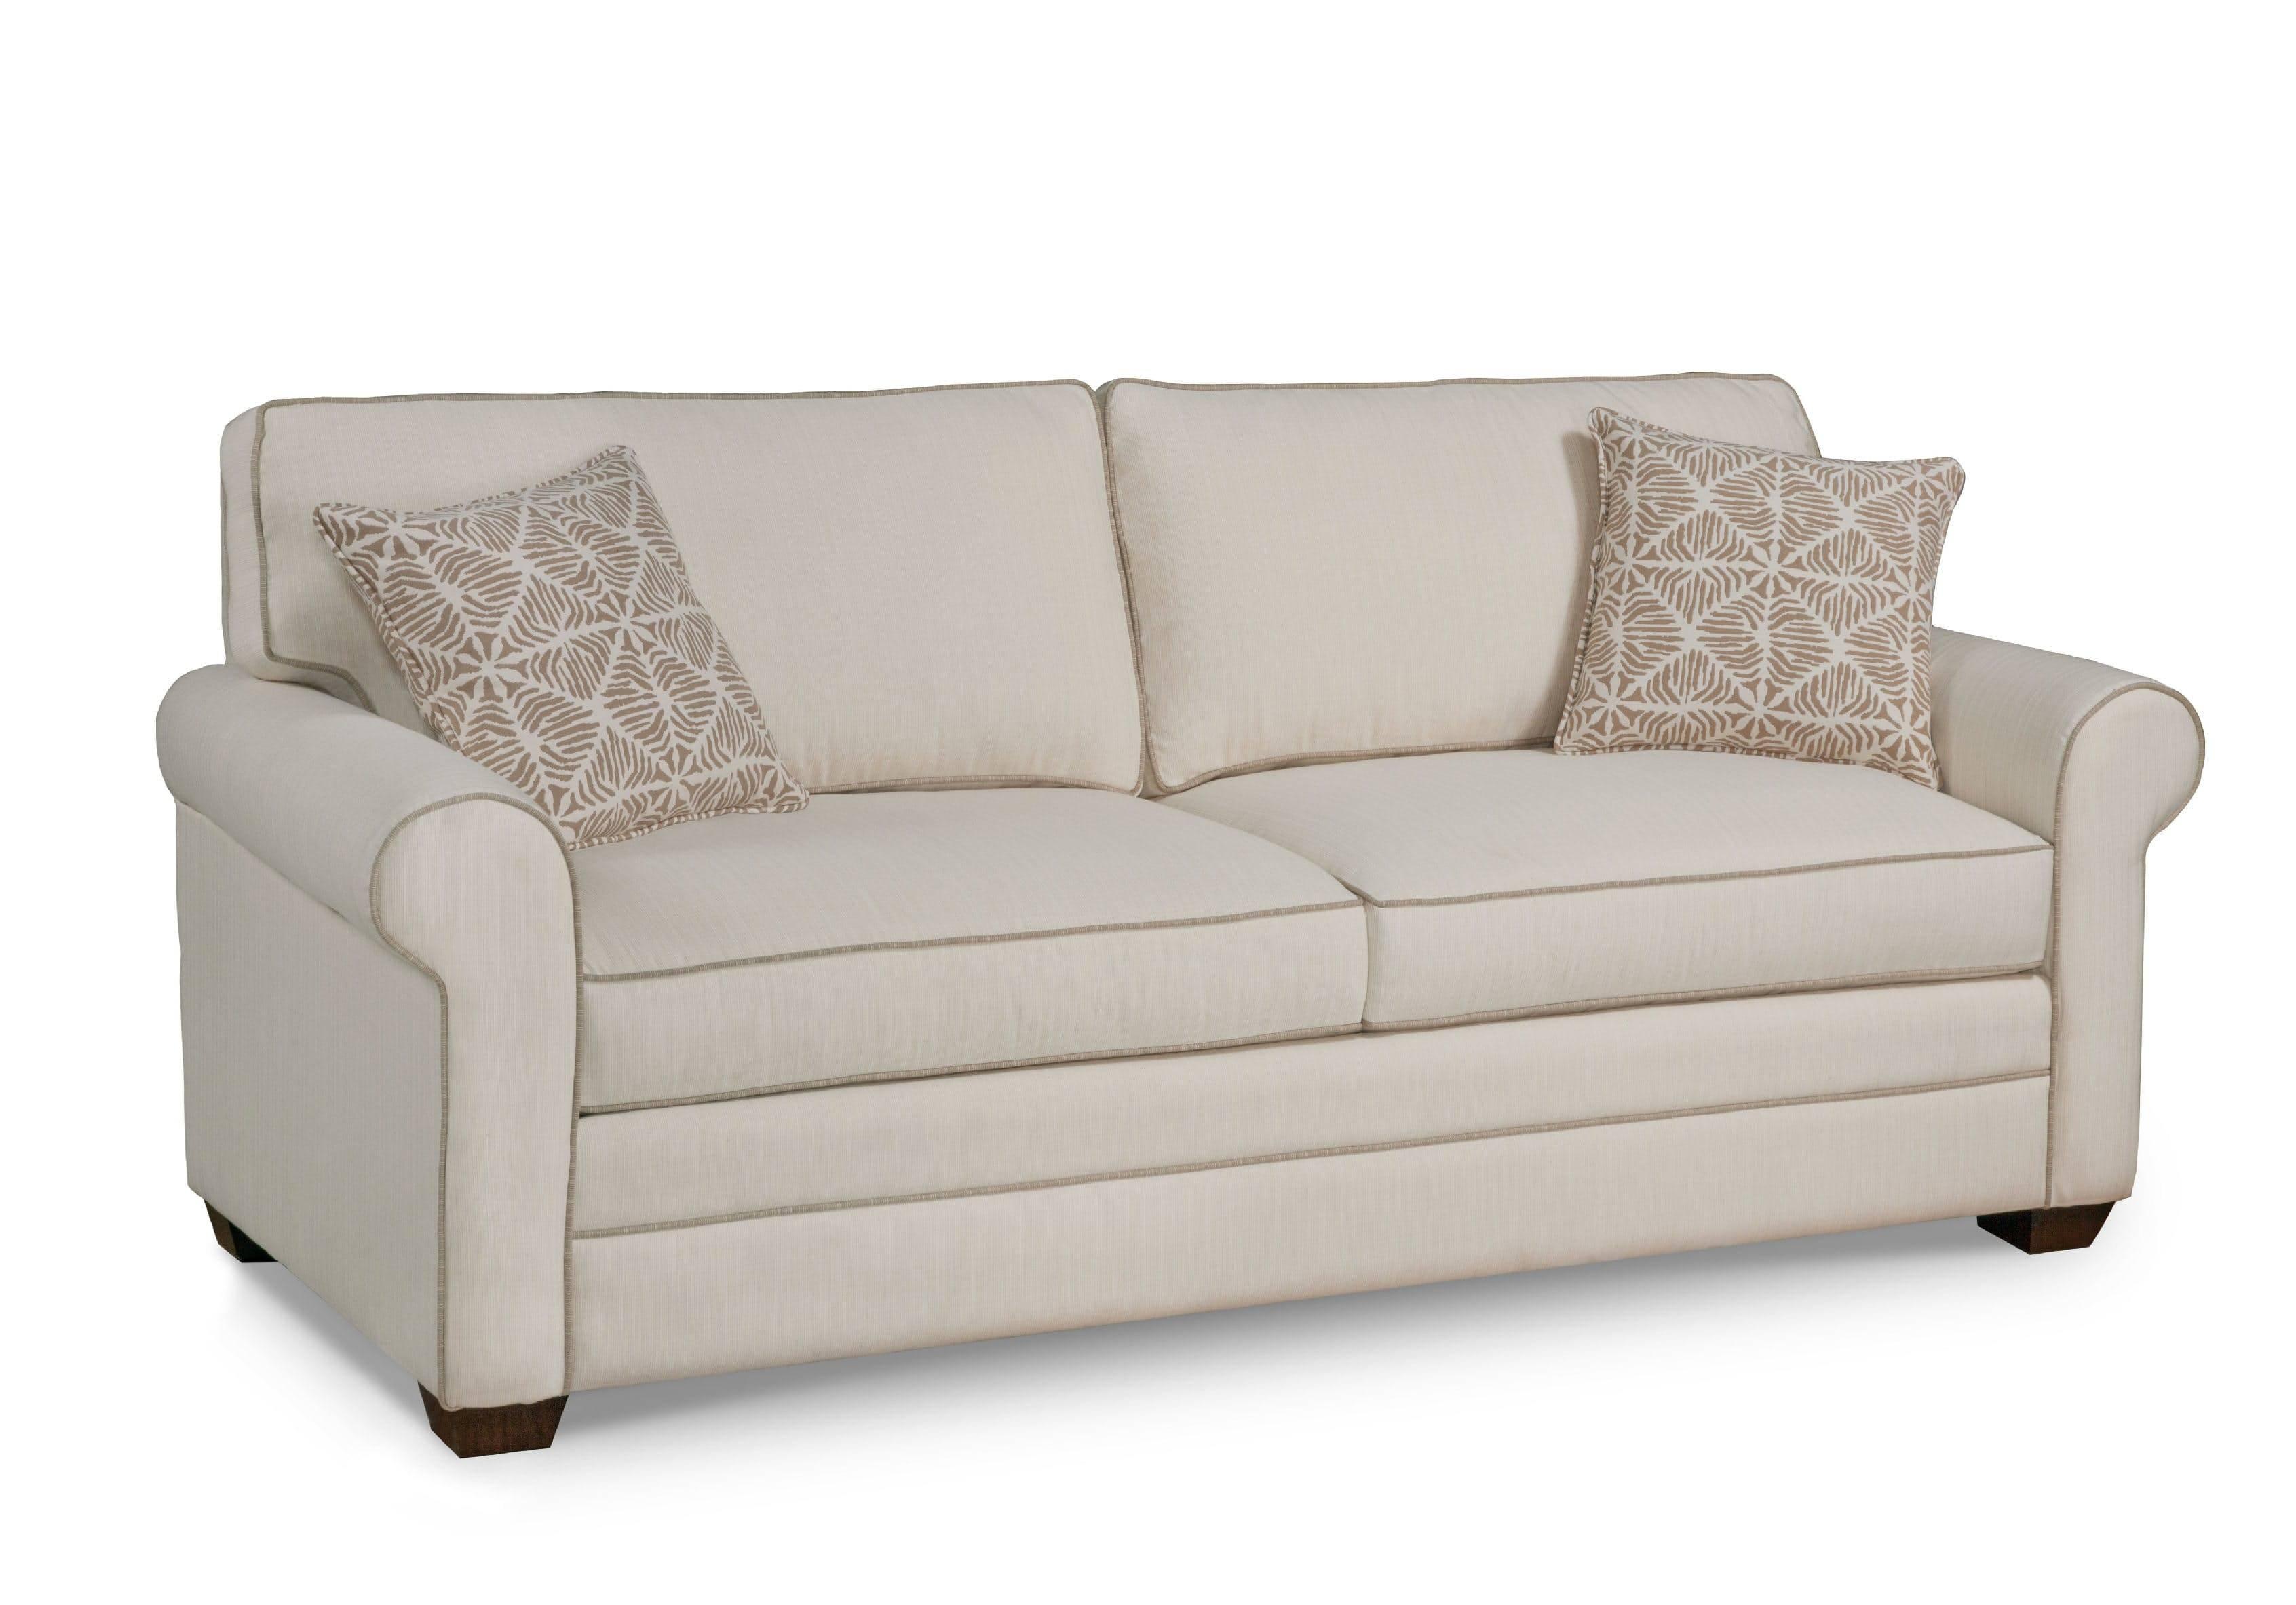 Braxton Culler Seating - Viking Casual Furniture regarding Braxton Culler Sofas (Image 7 of 15)